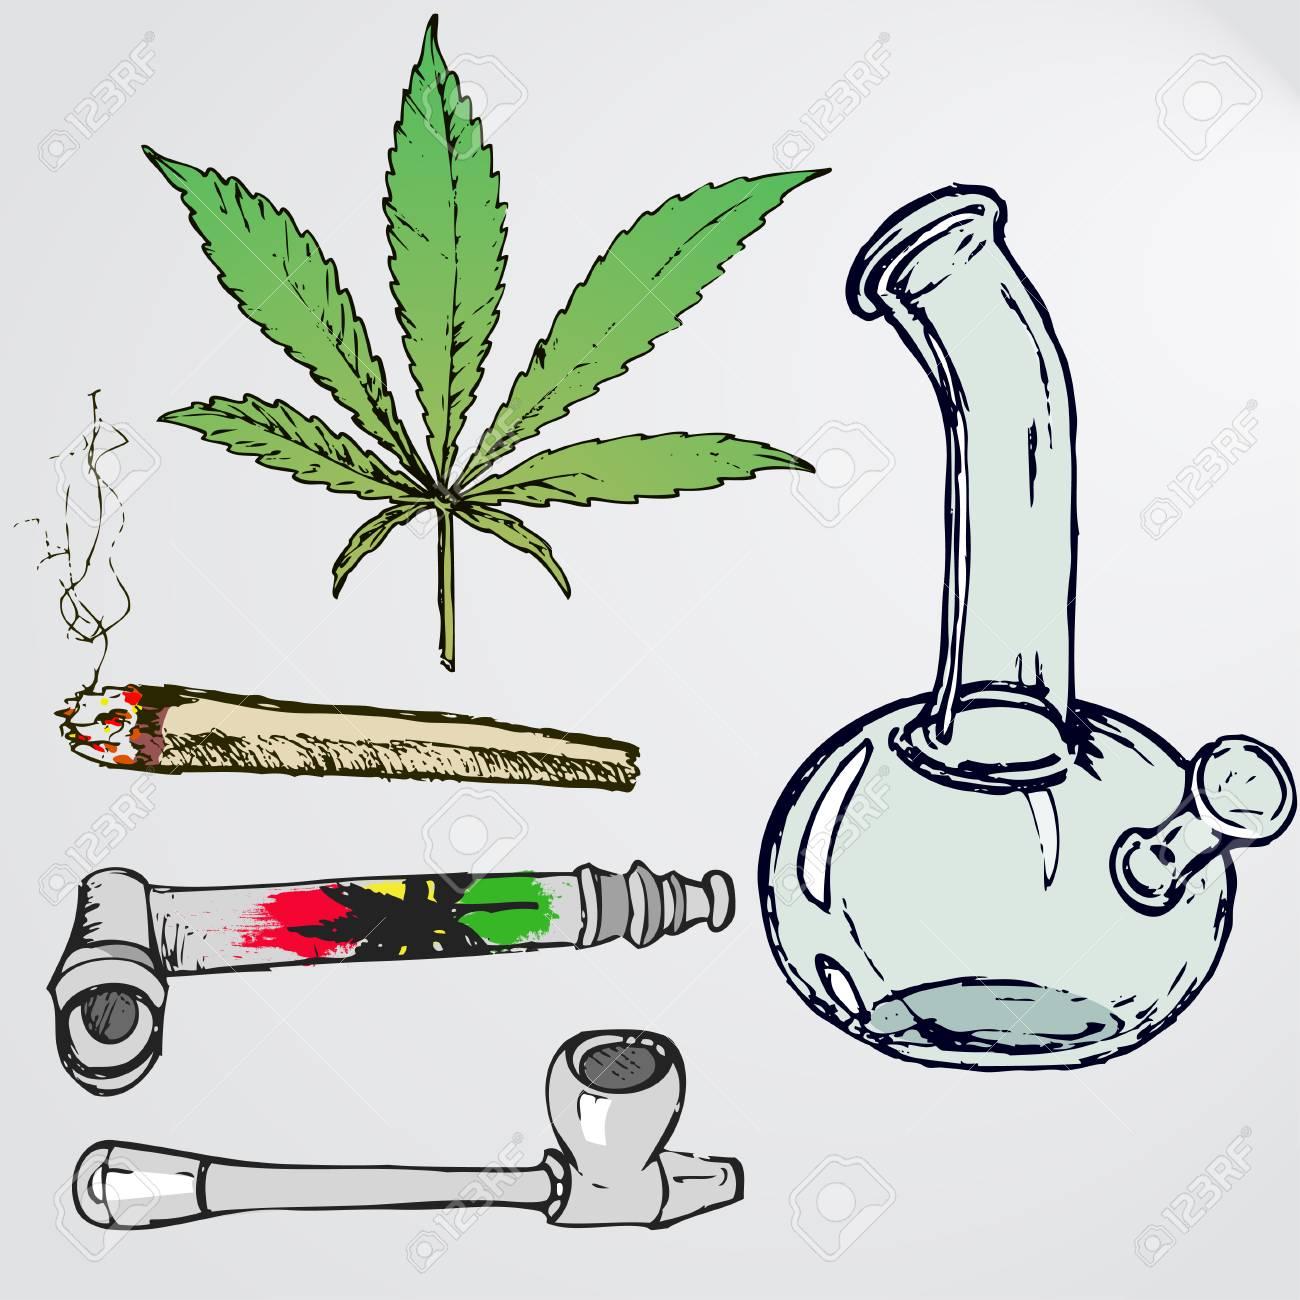 bongs and weed drawings 15221 loadtve